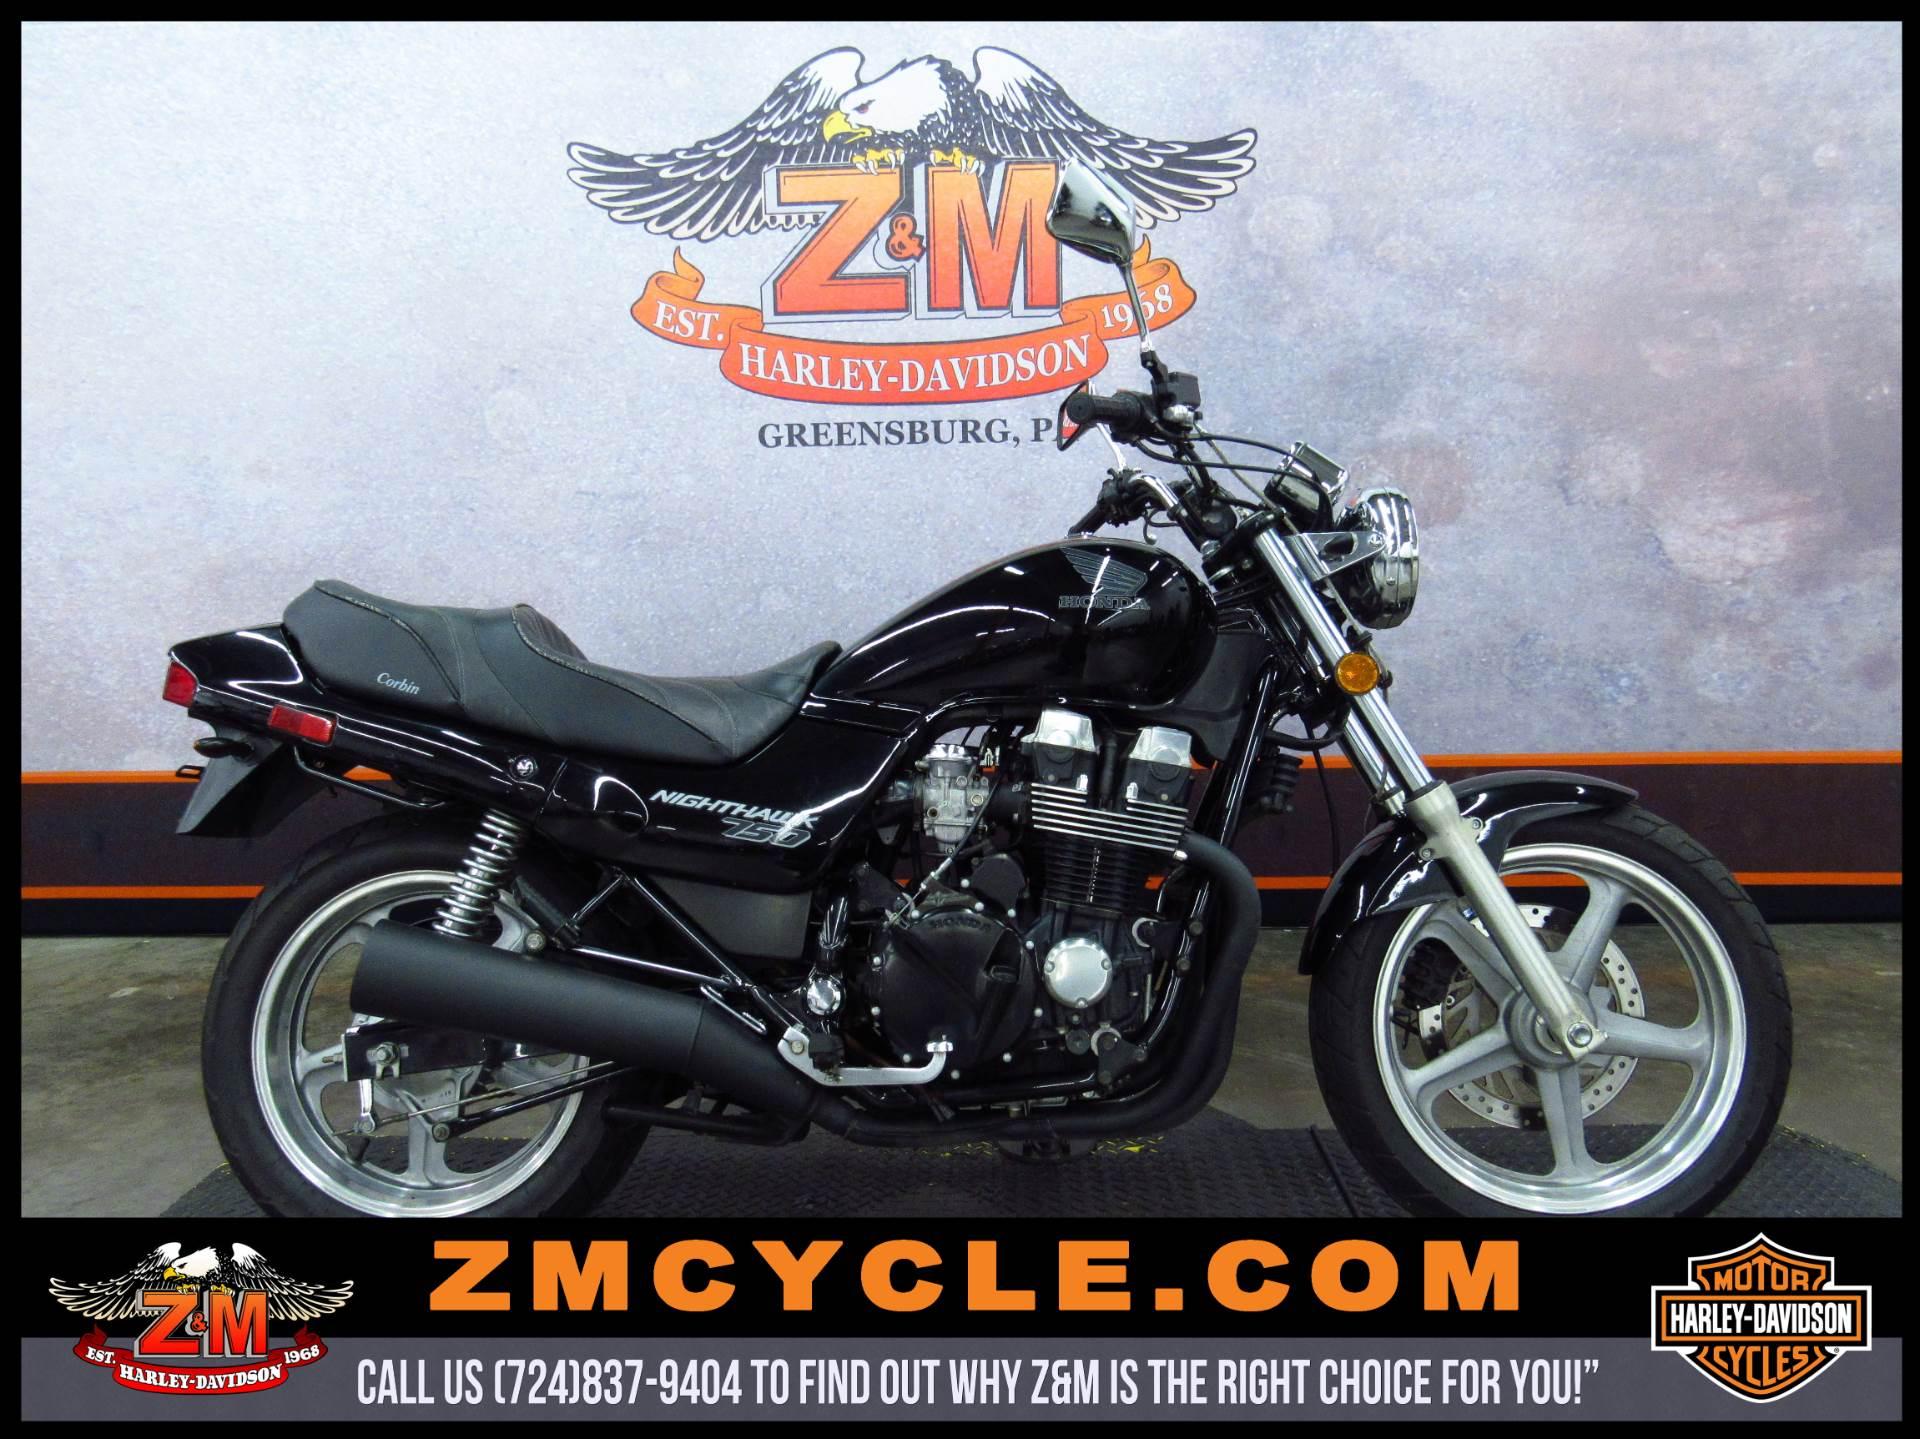 1996 CB750 Nighthawk